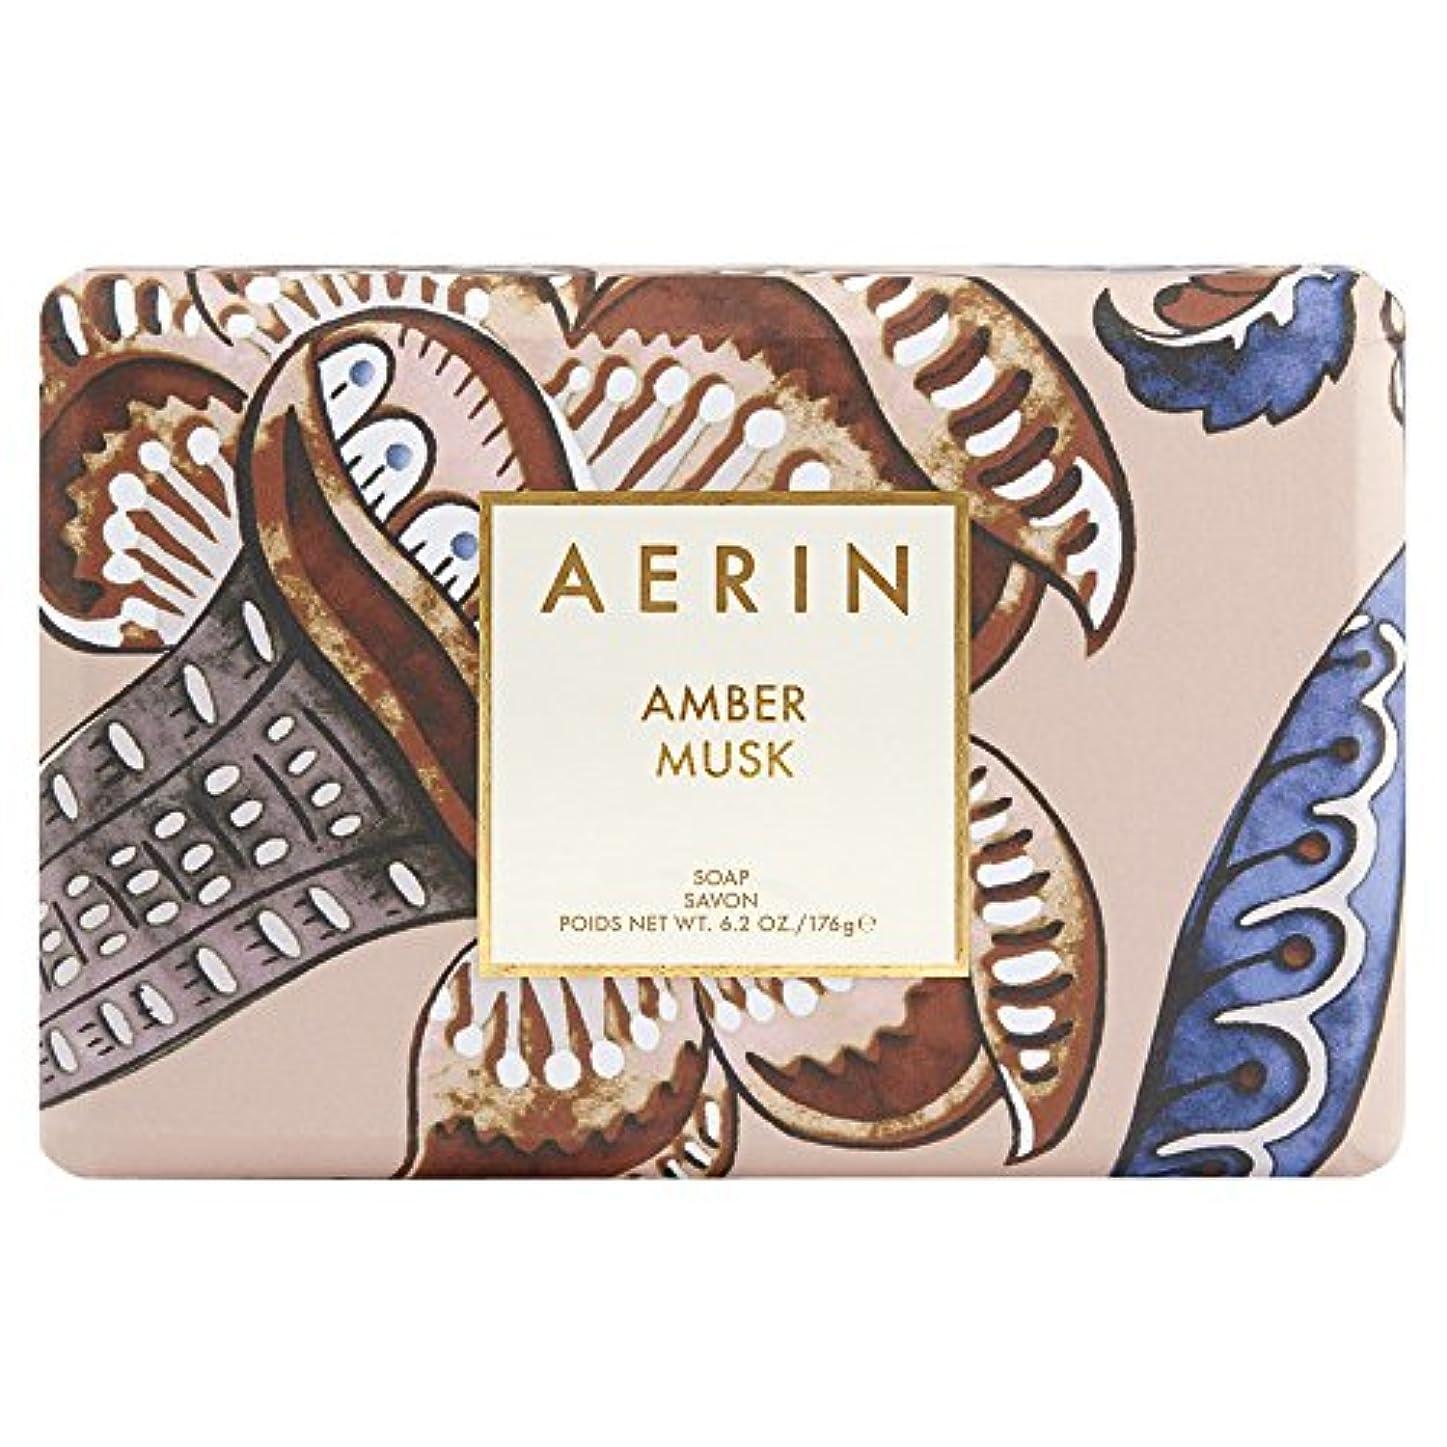 感性寺院パシフィックAerinアンバームスクソープ176グラム (AERIN) (x6) - AERIN Amber Musk Soap 176g (Pack of 6) [並行輸入品]